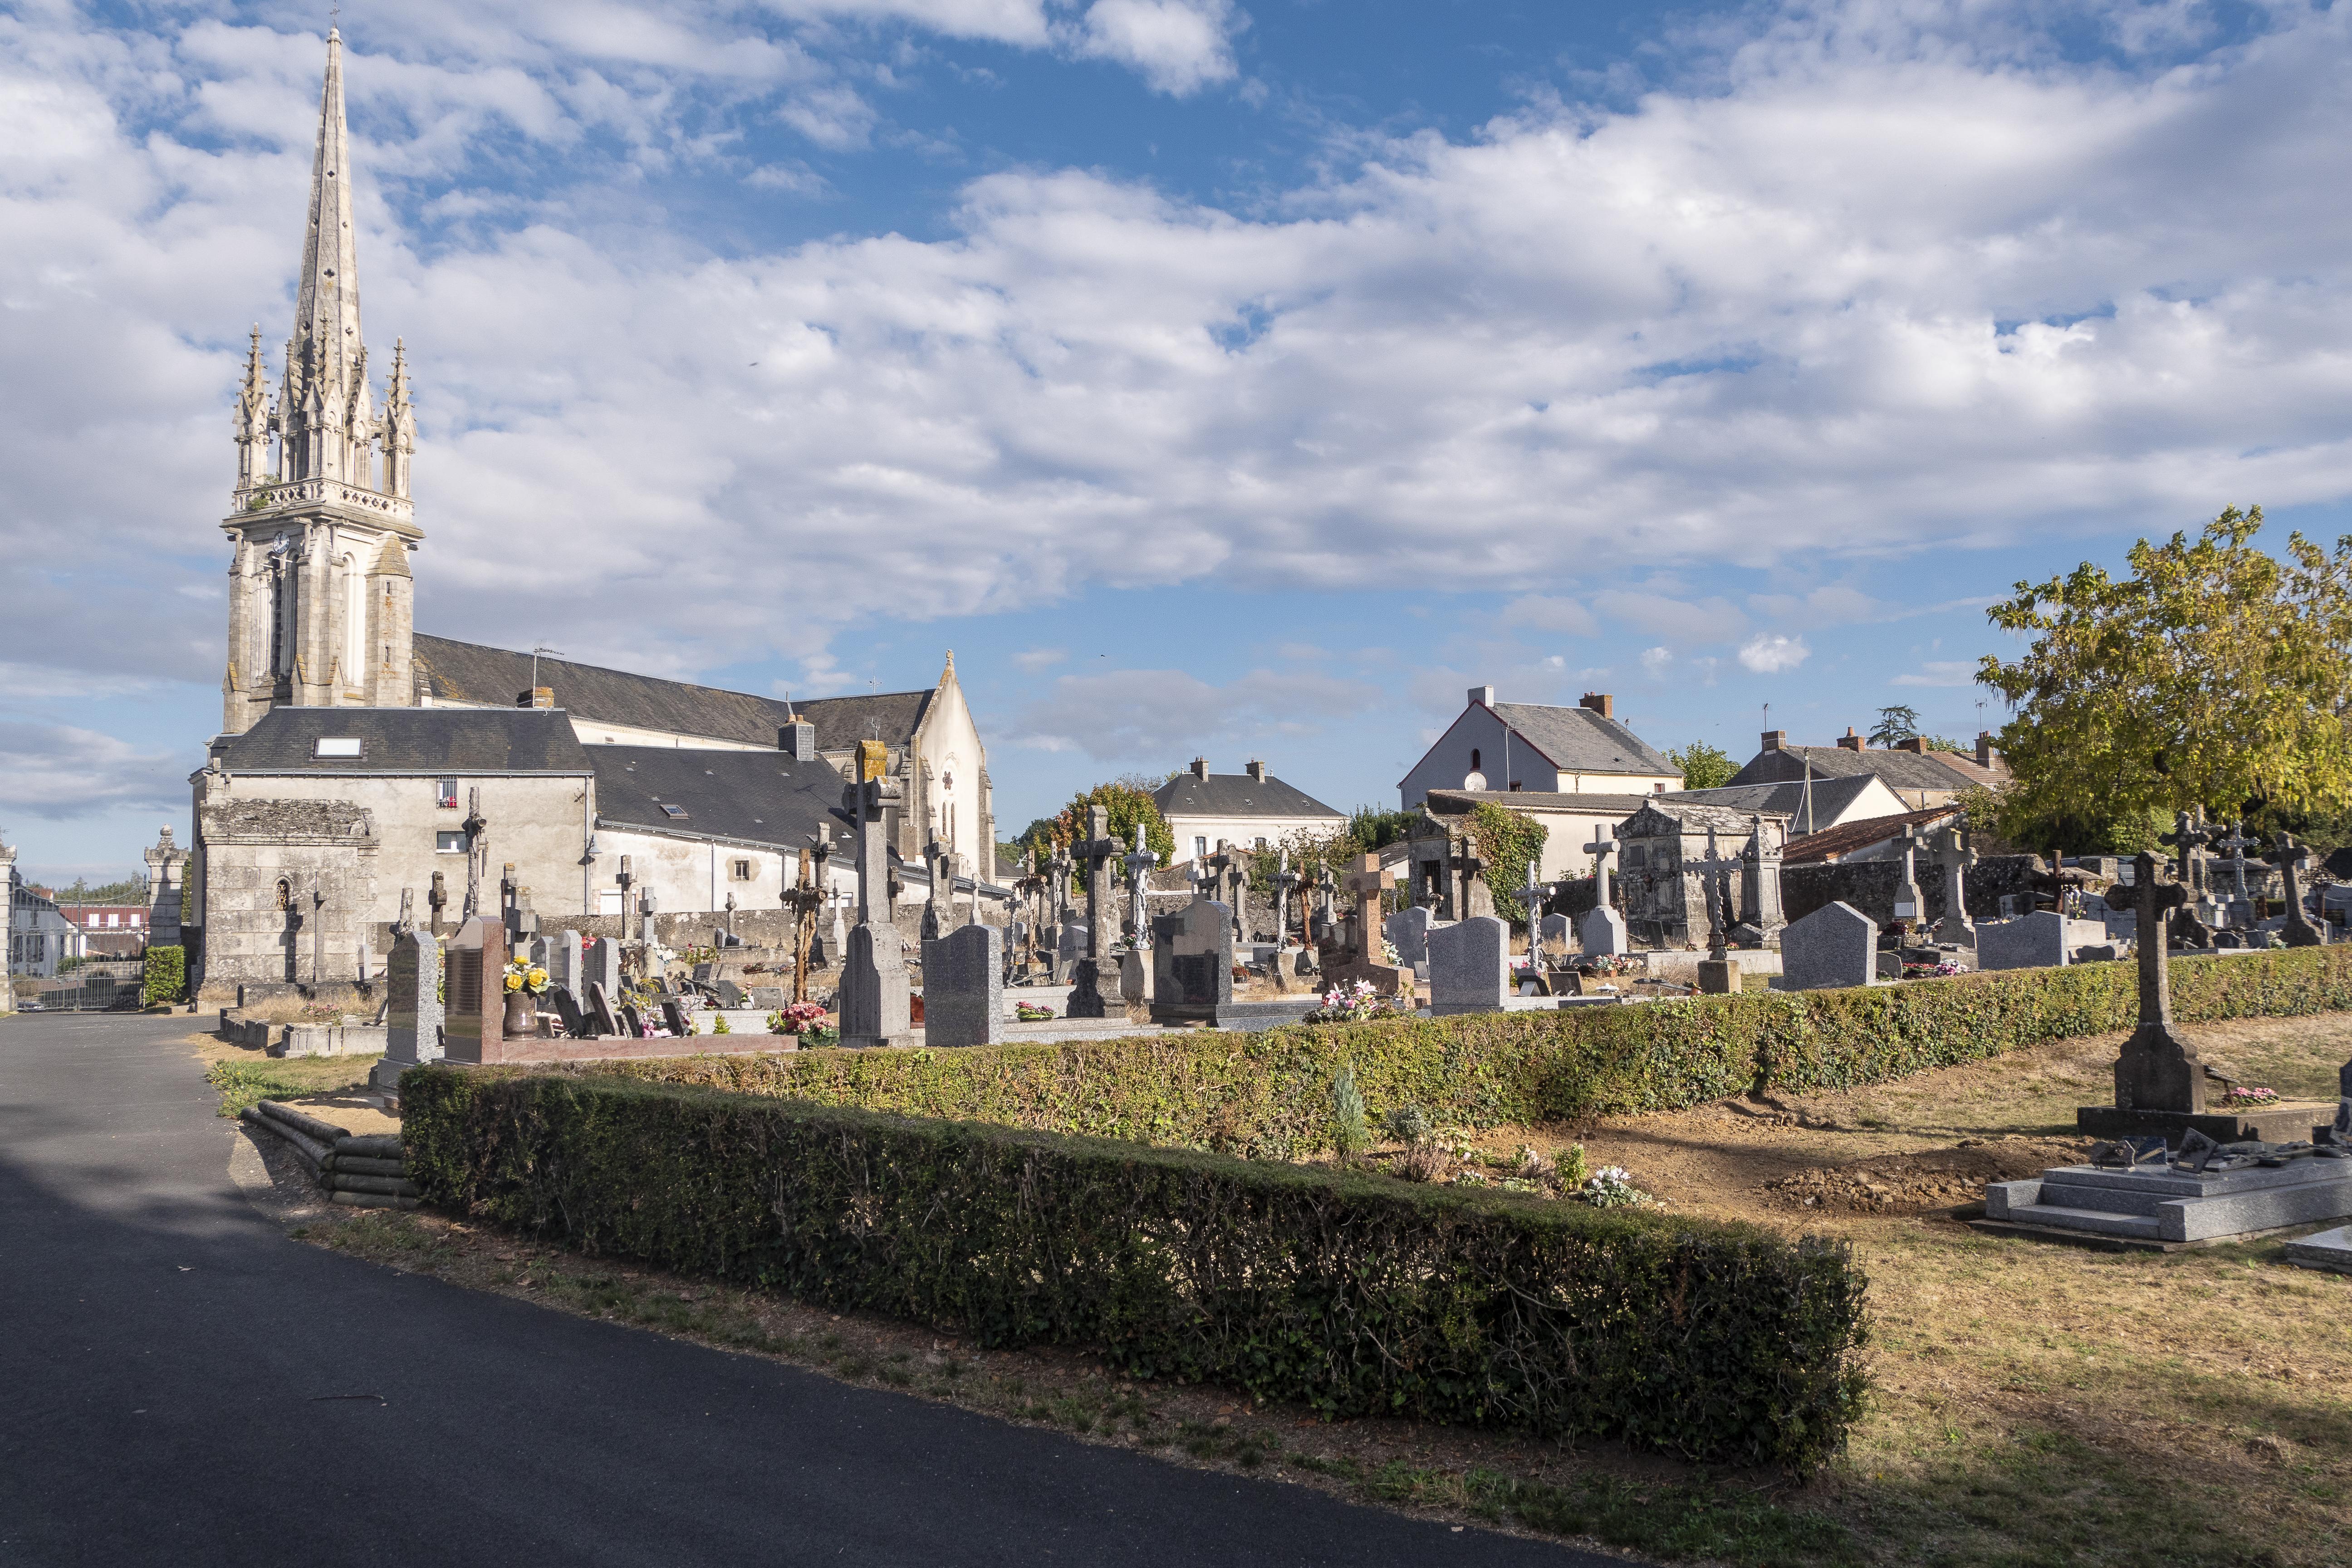 Vue cimetière historique, près de l'Eglise, rue des Alouettes